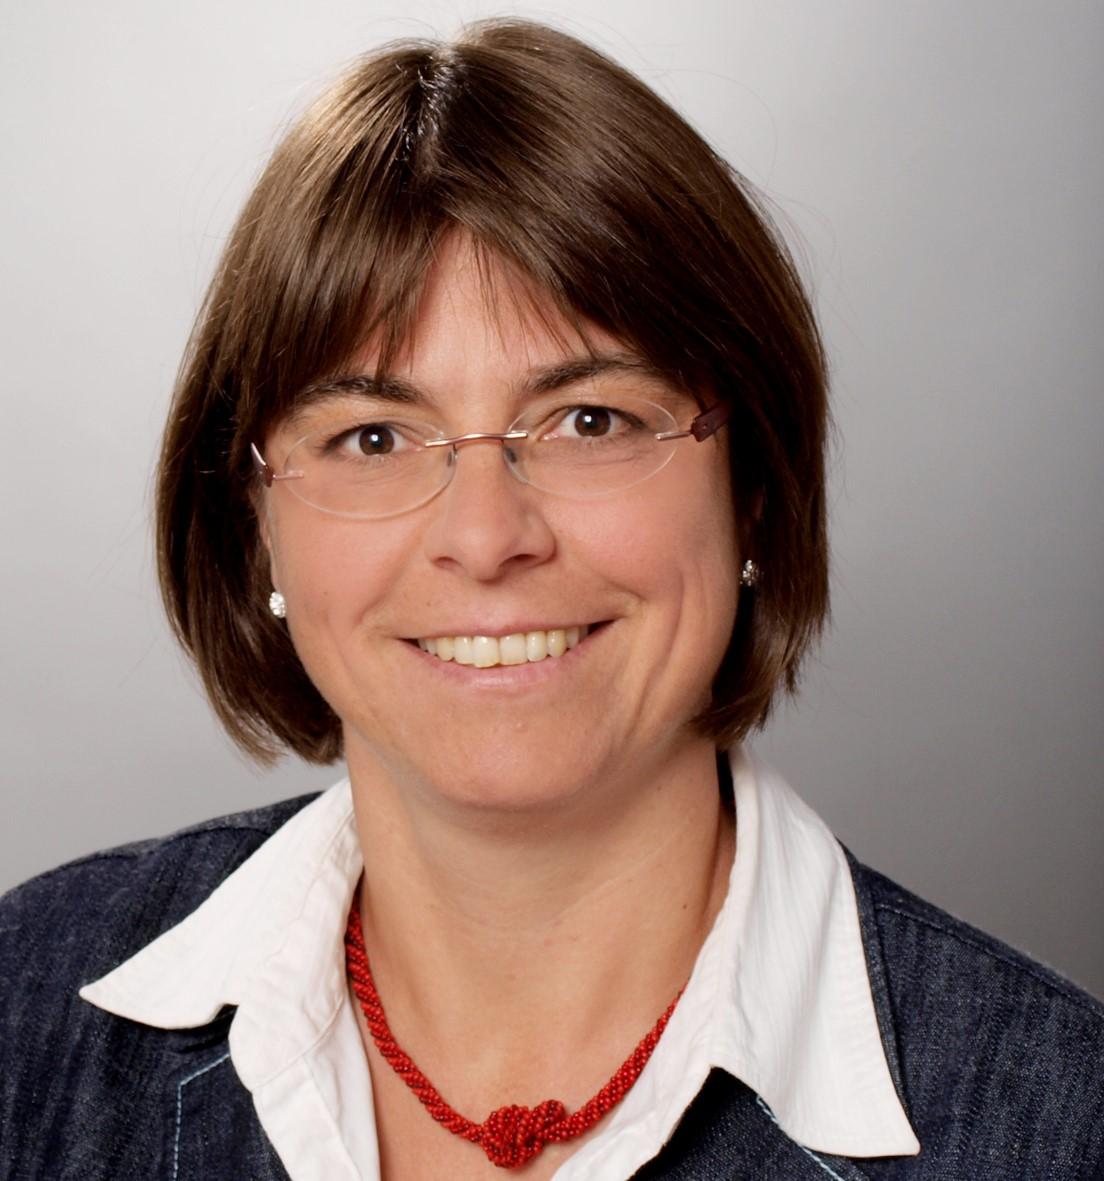 Annette Vollmer